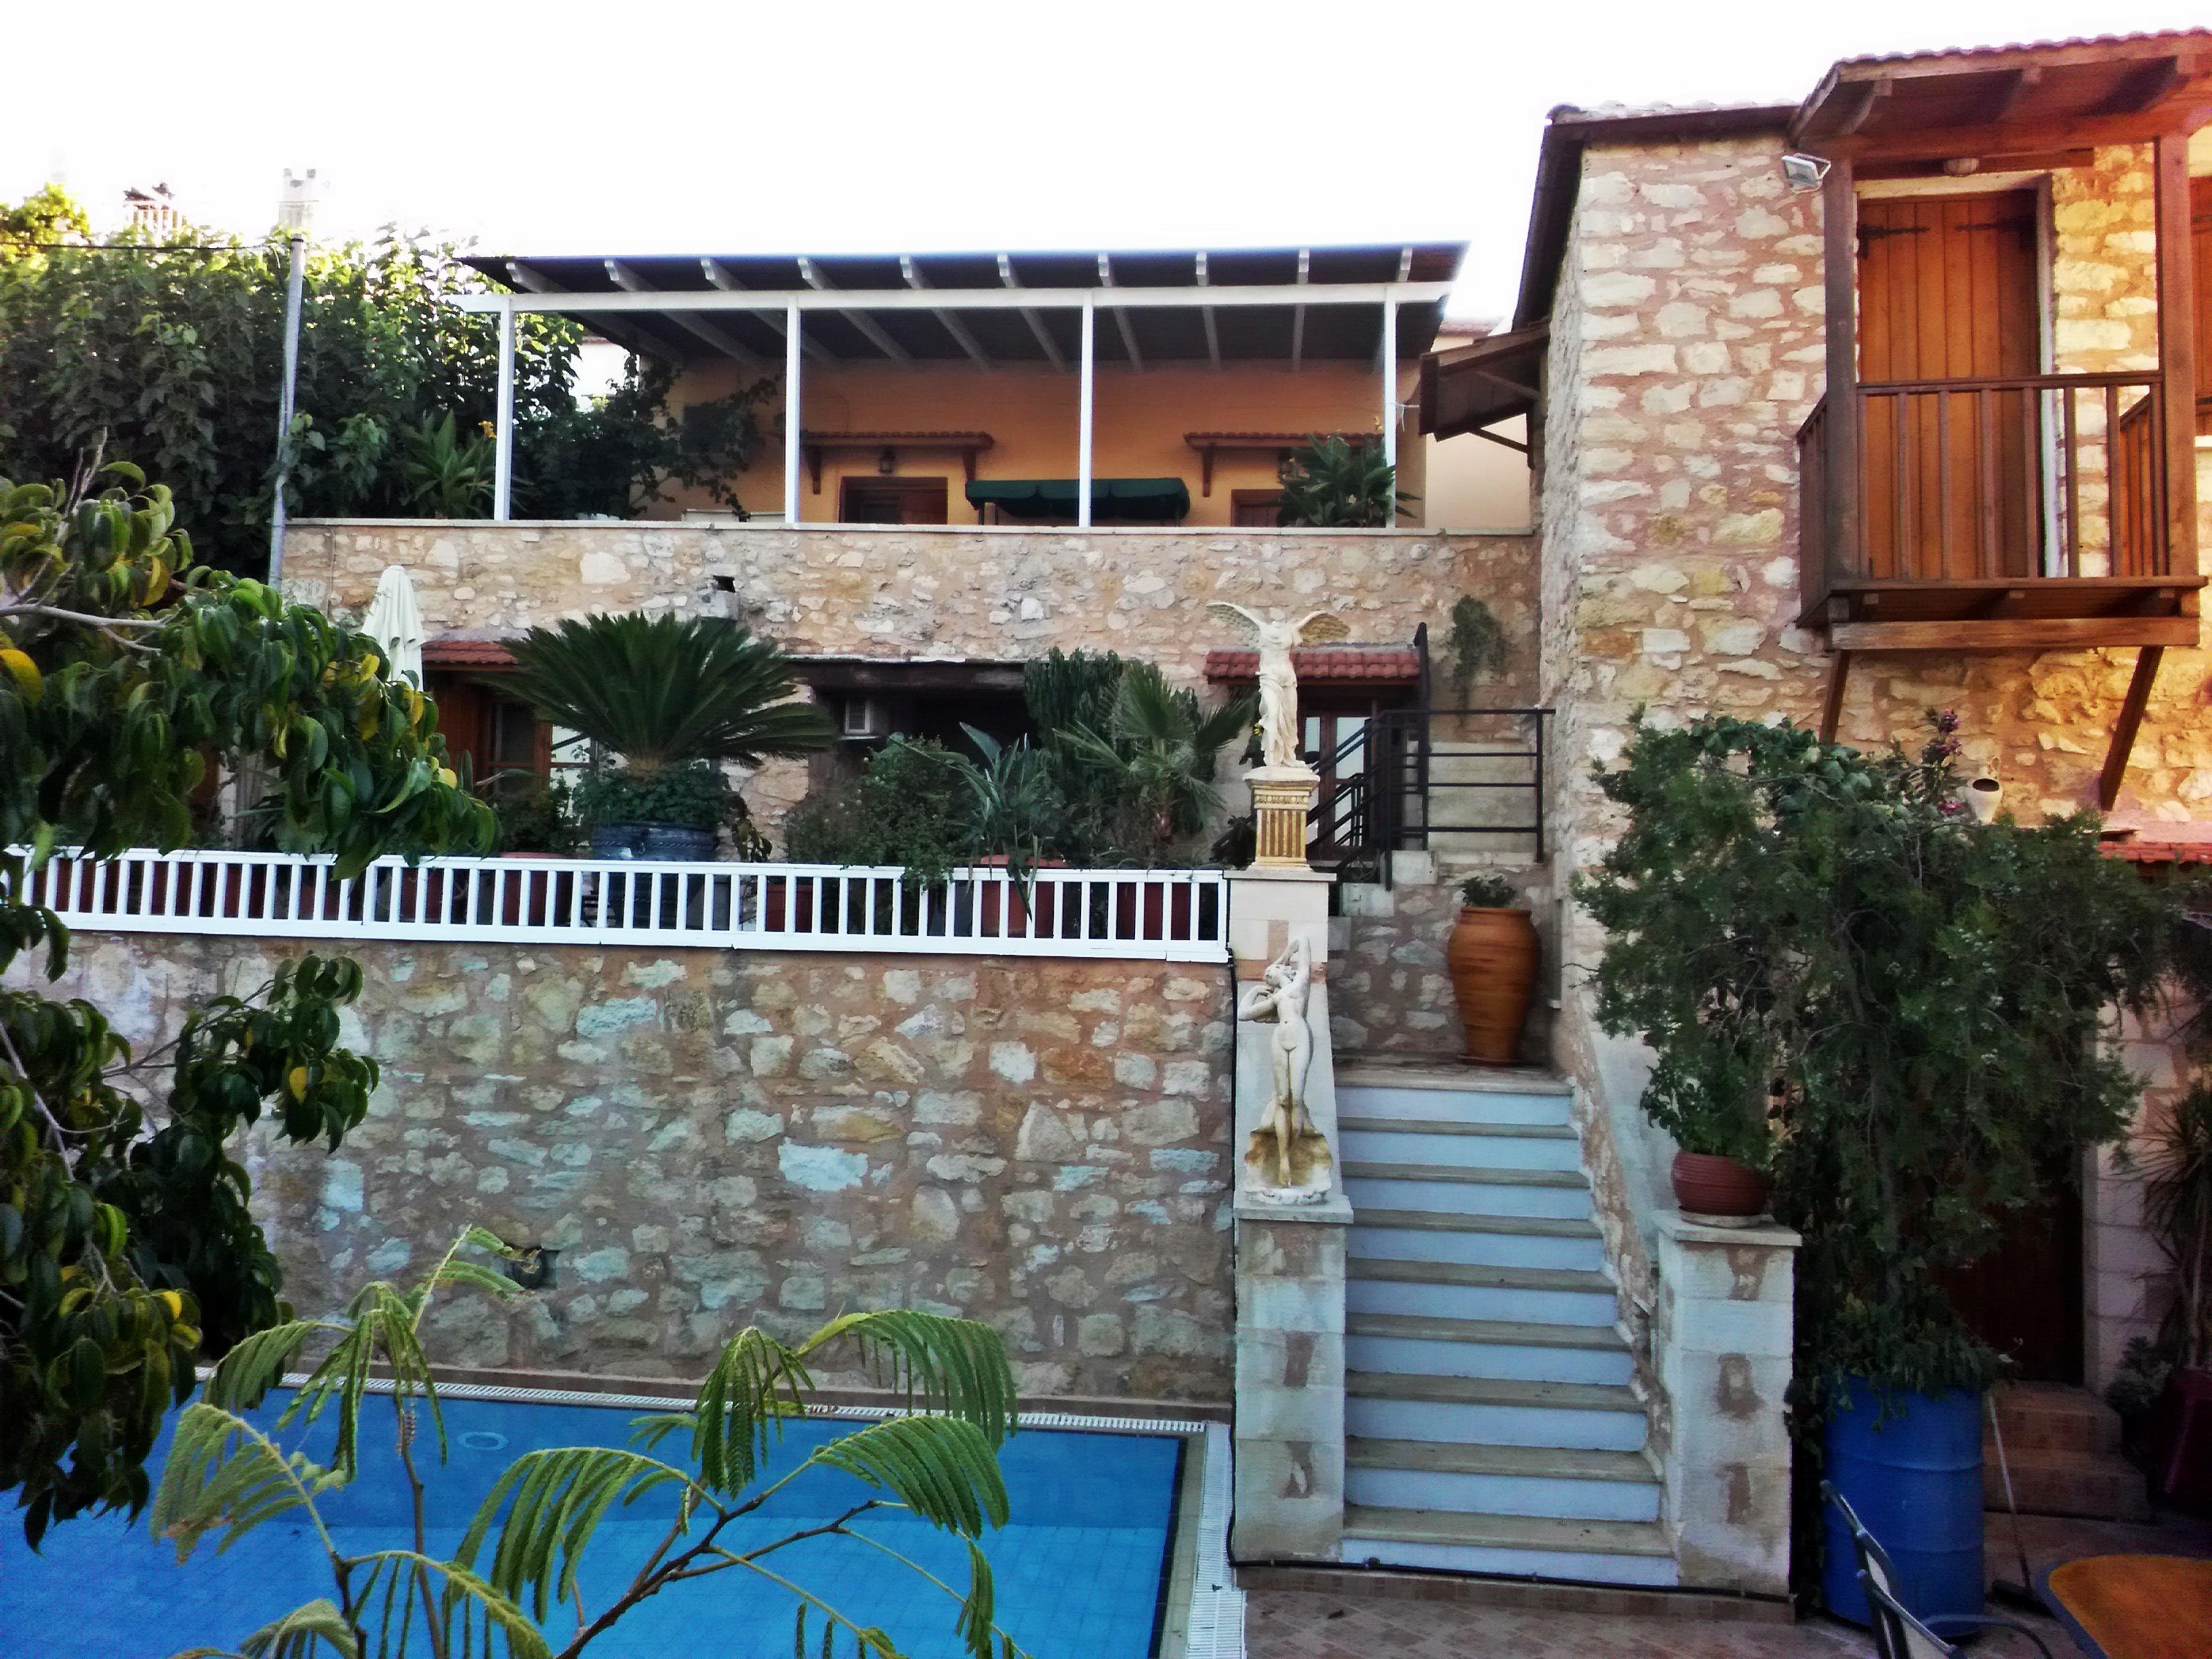 Ferienhaus Haus und Studio annektiert - Ideal groe Familien - kleines Dorf, nahe Strnde (2598996), Neon Khorion Kriti, Kreta Nordküste, Kreta, Griechenland, Bild 1